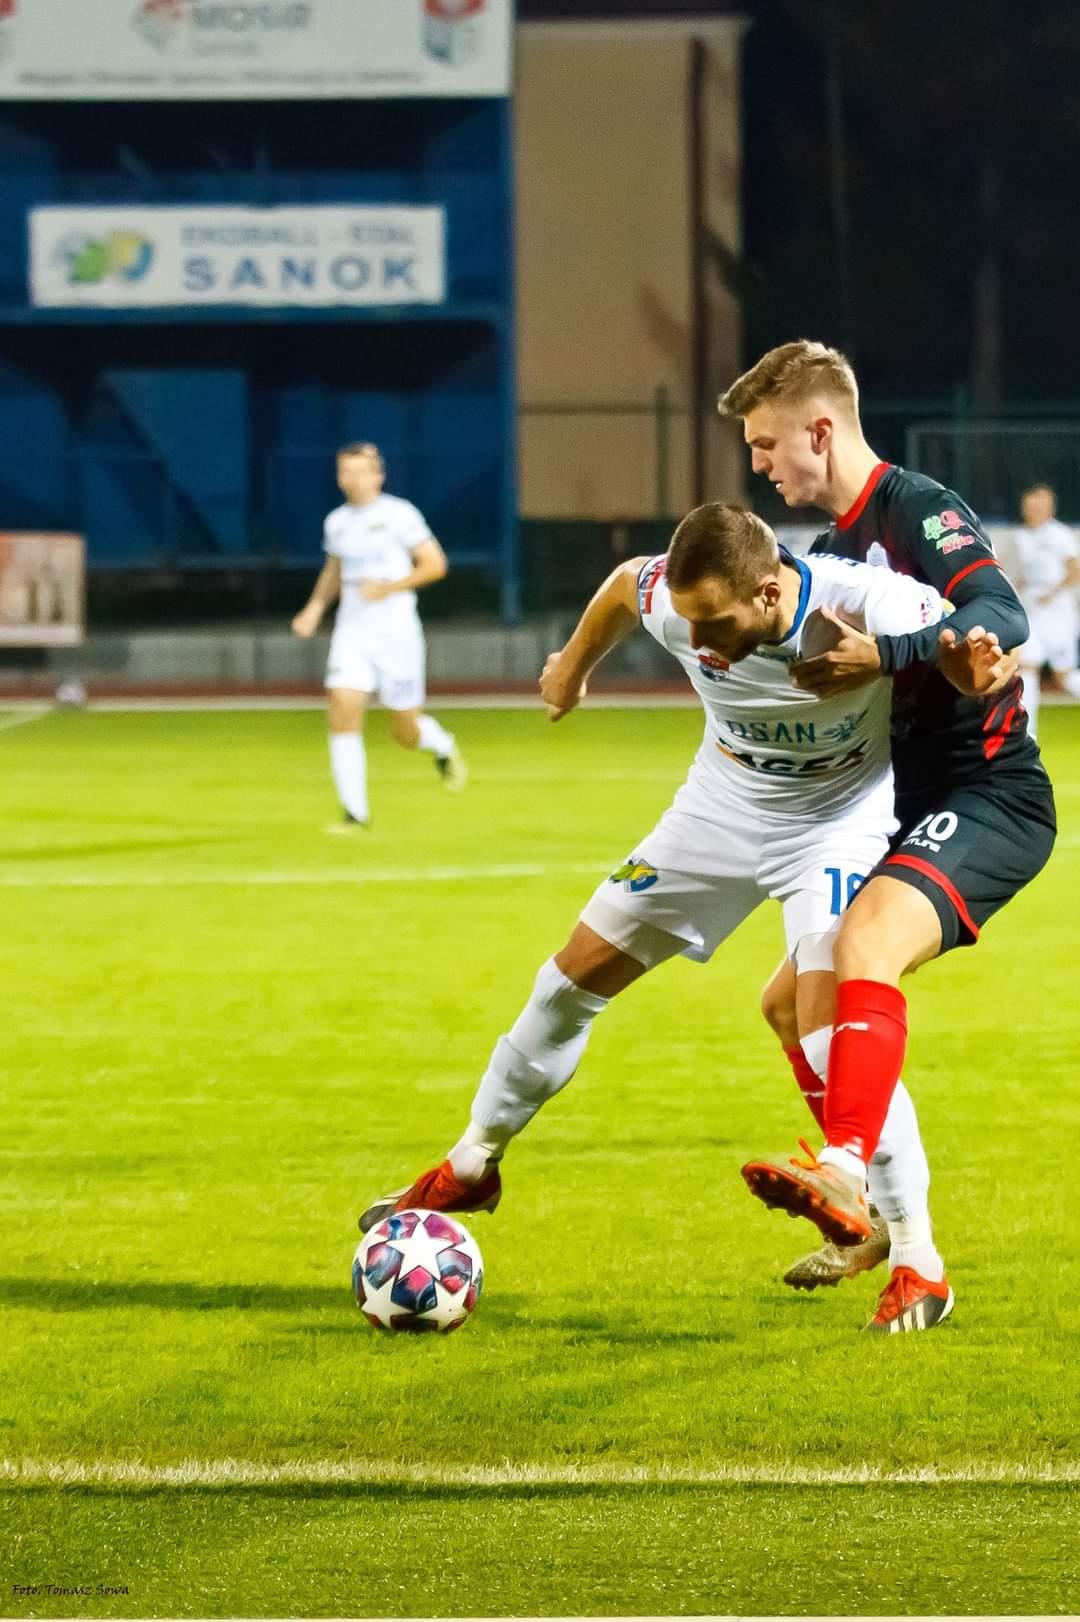 Ekoball Stal Sanok zagra o czwarte zwycięstwo z rzędu w IV lidze [FOTO] - Zdjęcie główne